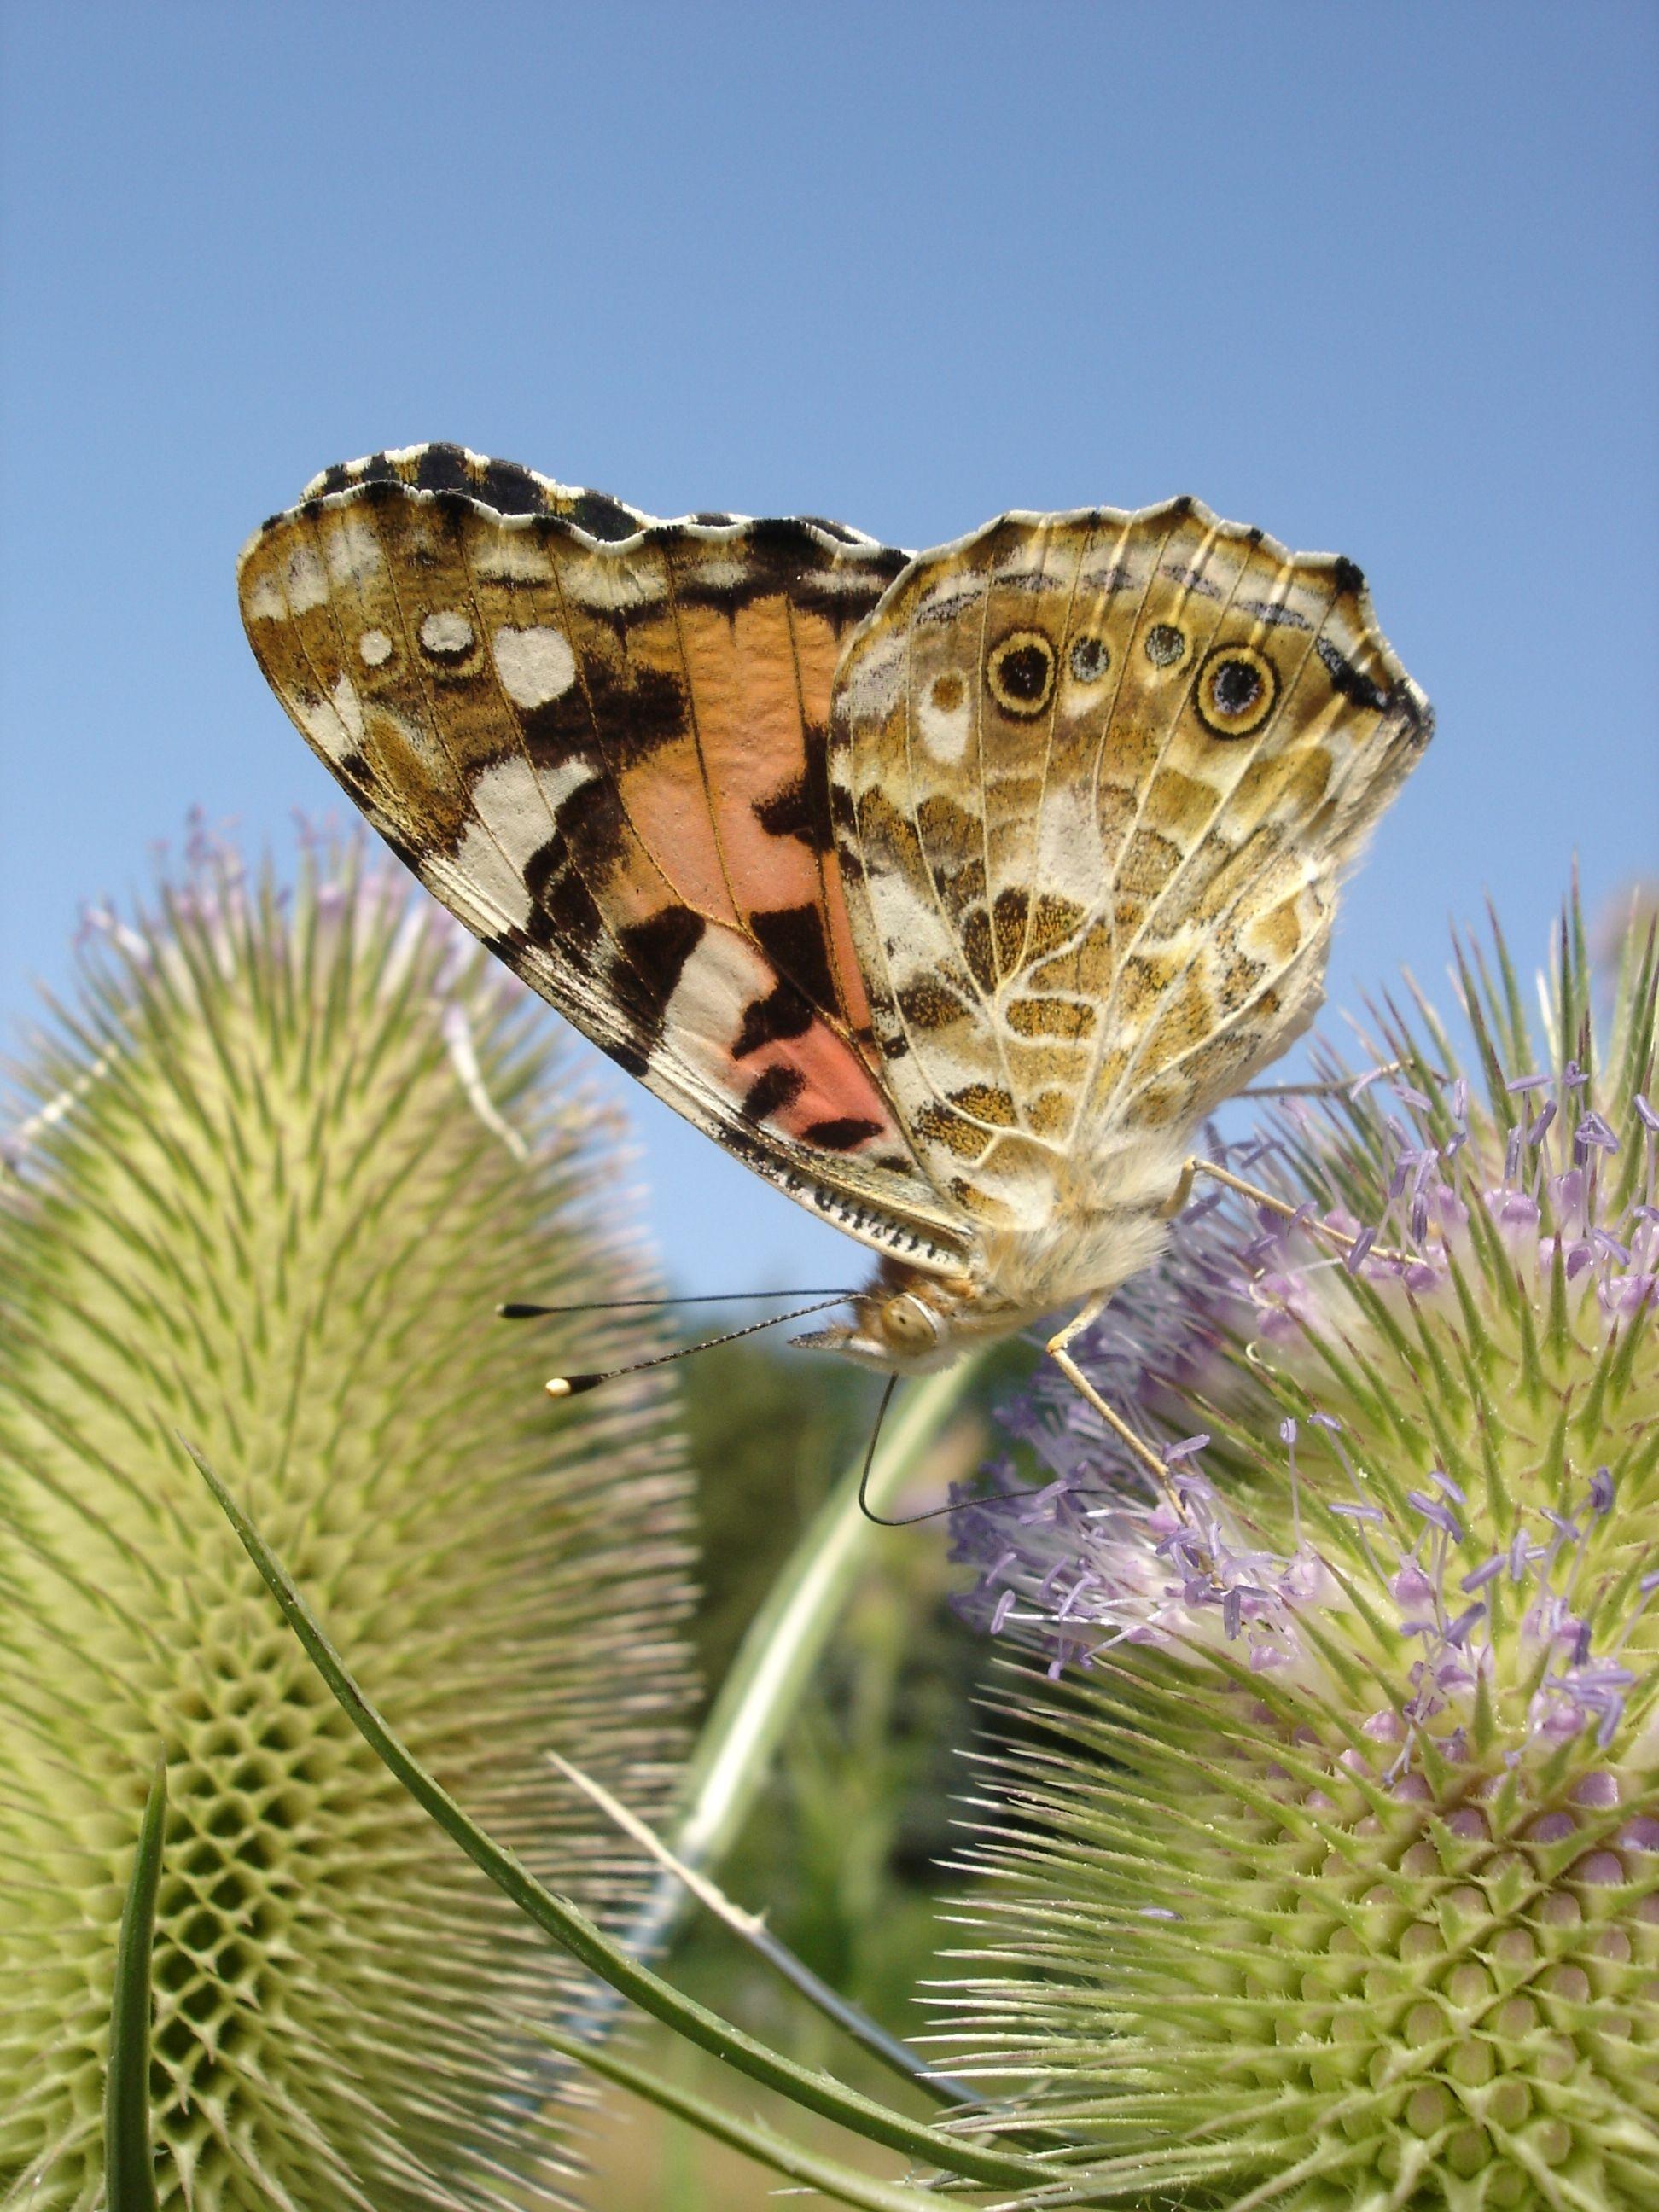 NPHS Ein Garten voller Leben – Schmetterlinge und Weiden in Bad Segeberg